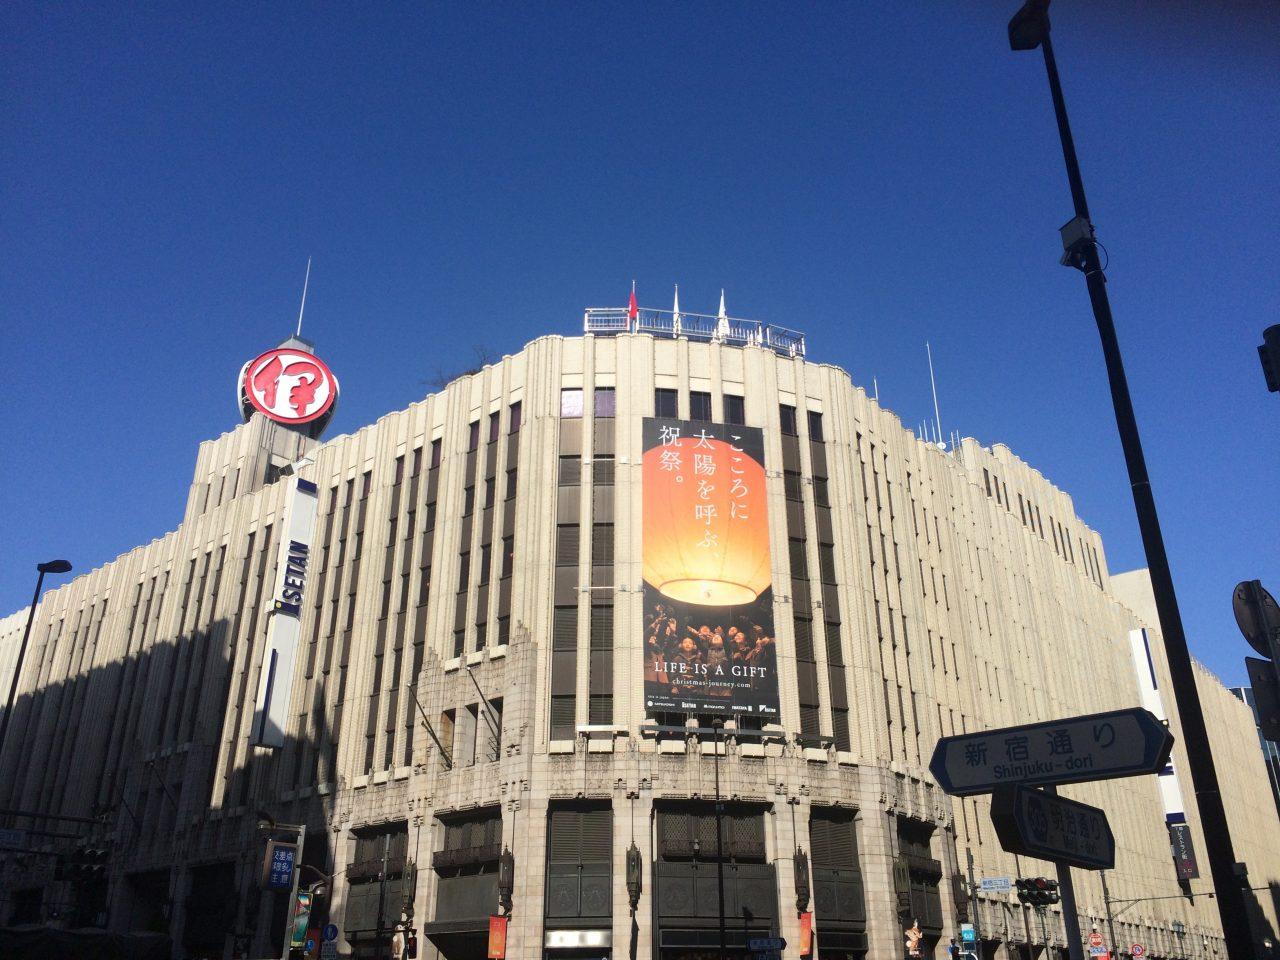 伊勢丹新宿店と新宿三丁目交差点の写真